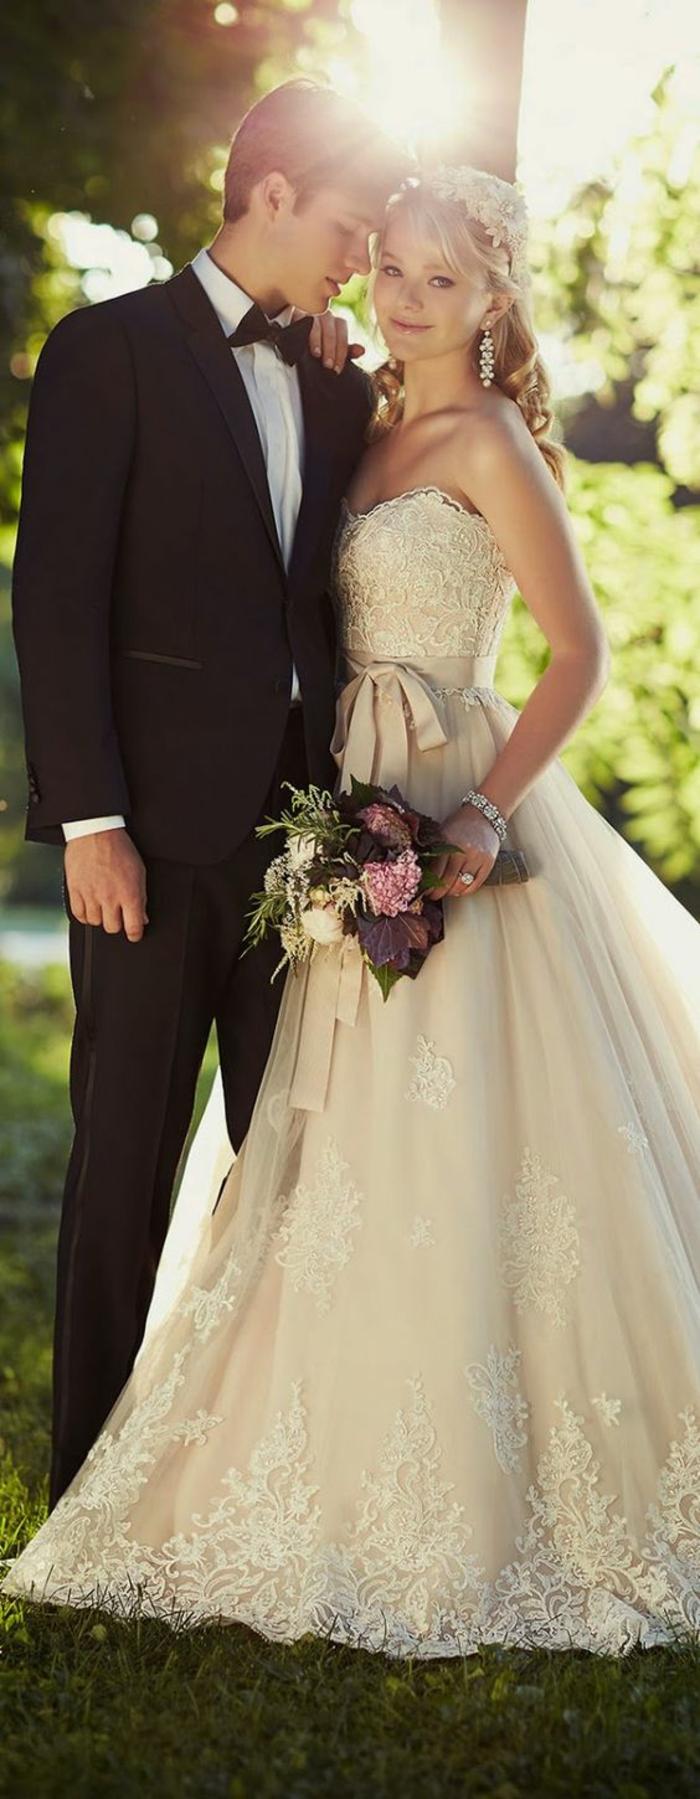 adorable-robe-de-mariée-princesse-robe-de-mariée-bustier-dentelle-chouette-photo